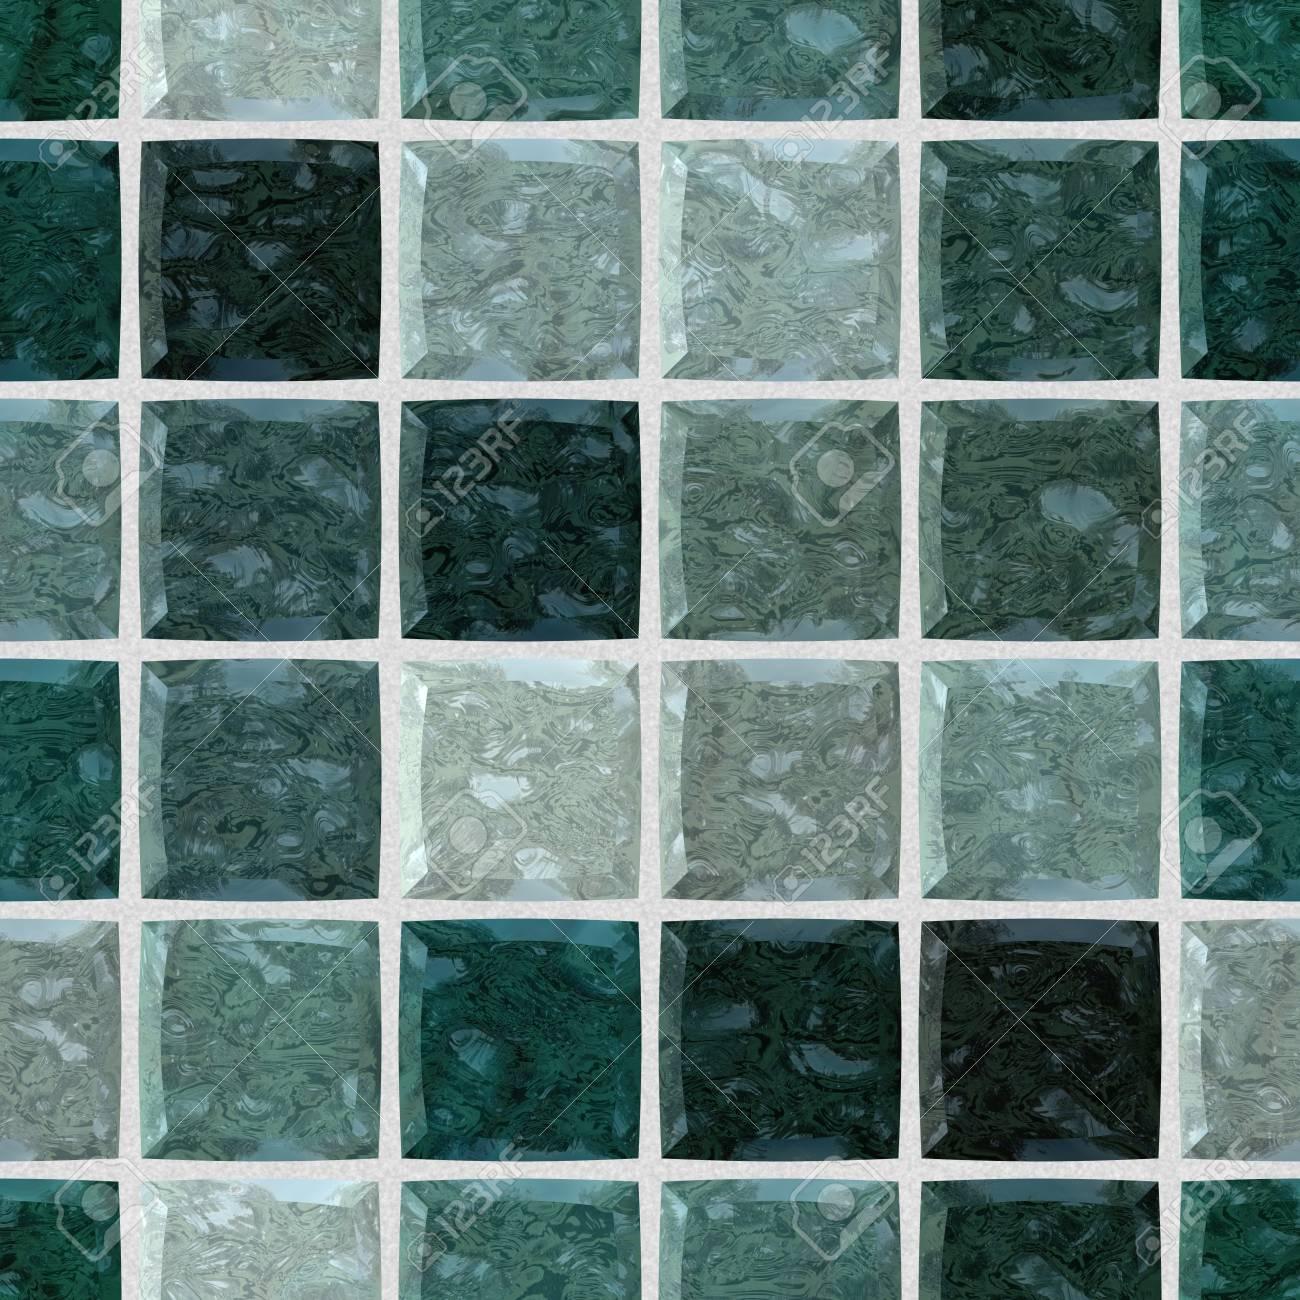 farbiger fußboden marmor überprüft steiniges mosaikmuster